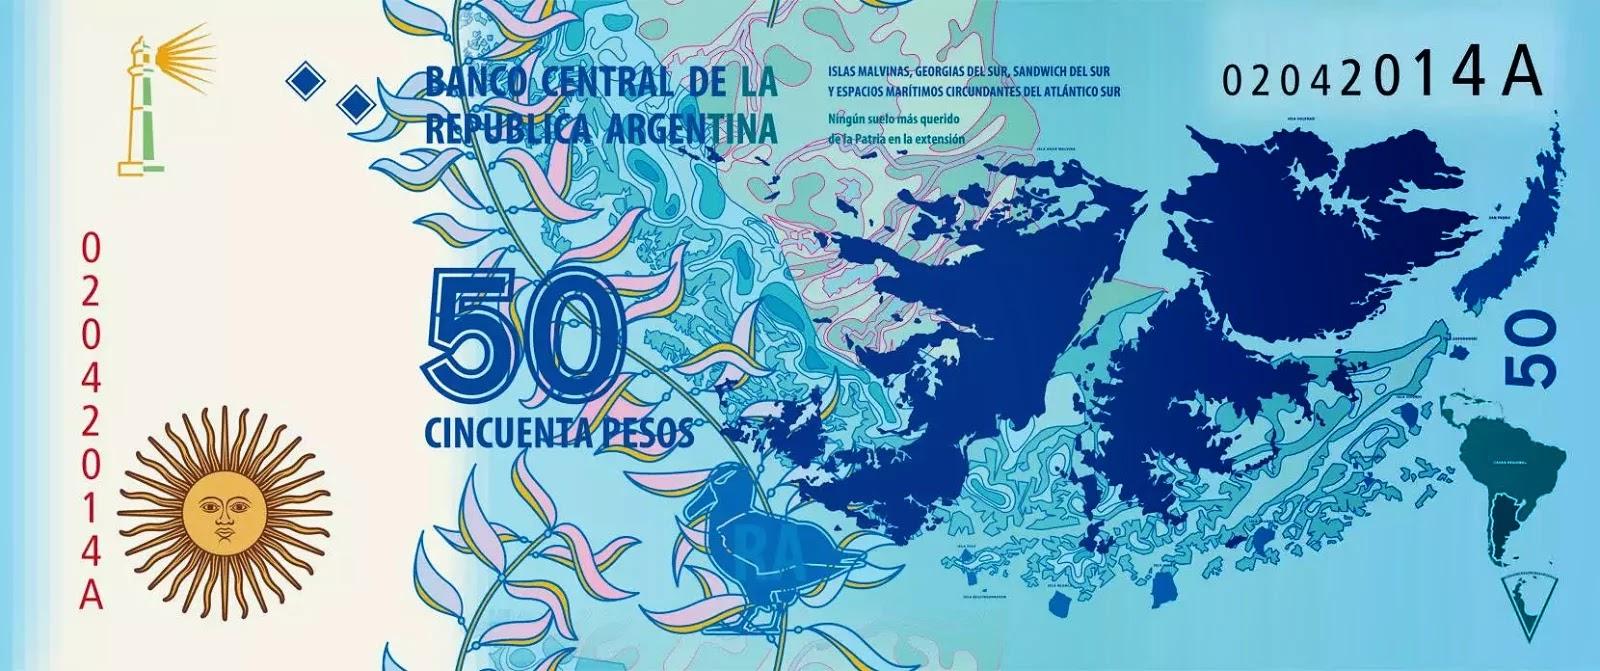 Nuevo billete de 50 pesos con motivo de las Malvinas anverso